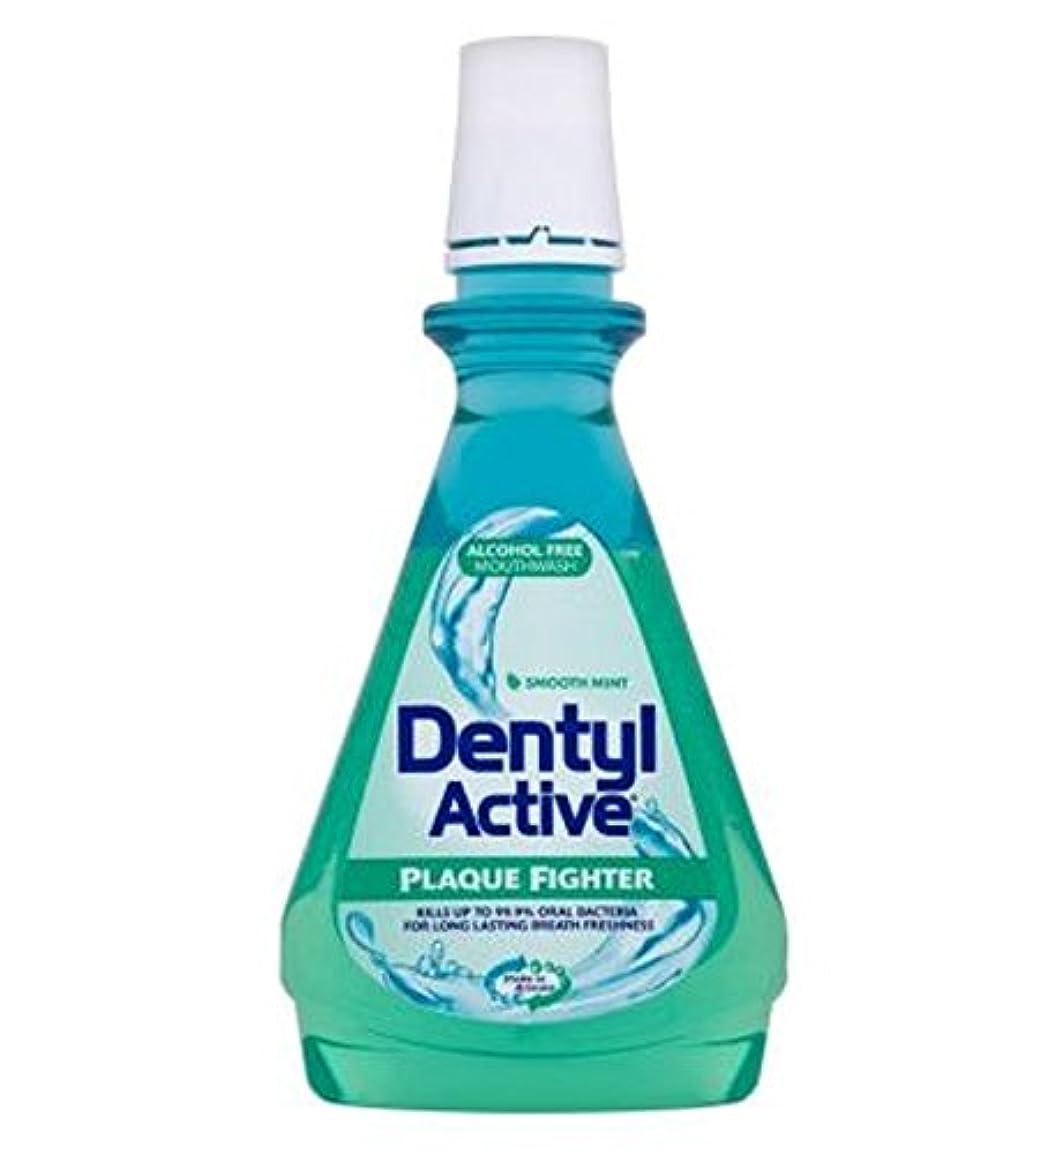 続けるストリップ高層ビルDentyl Active Smooth Mint Mouthwash 500ml - Dentylアクティブな滑らかなミントマウスウォッシュ500ミリリットル (Dentyl) [並行輸入品]